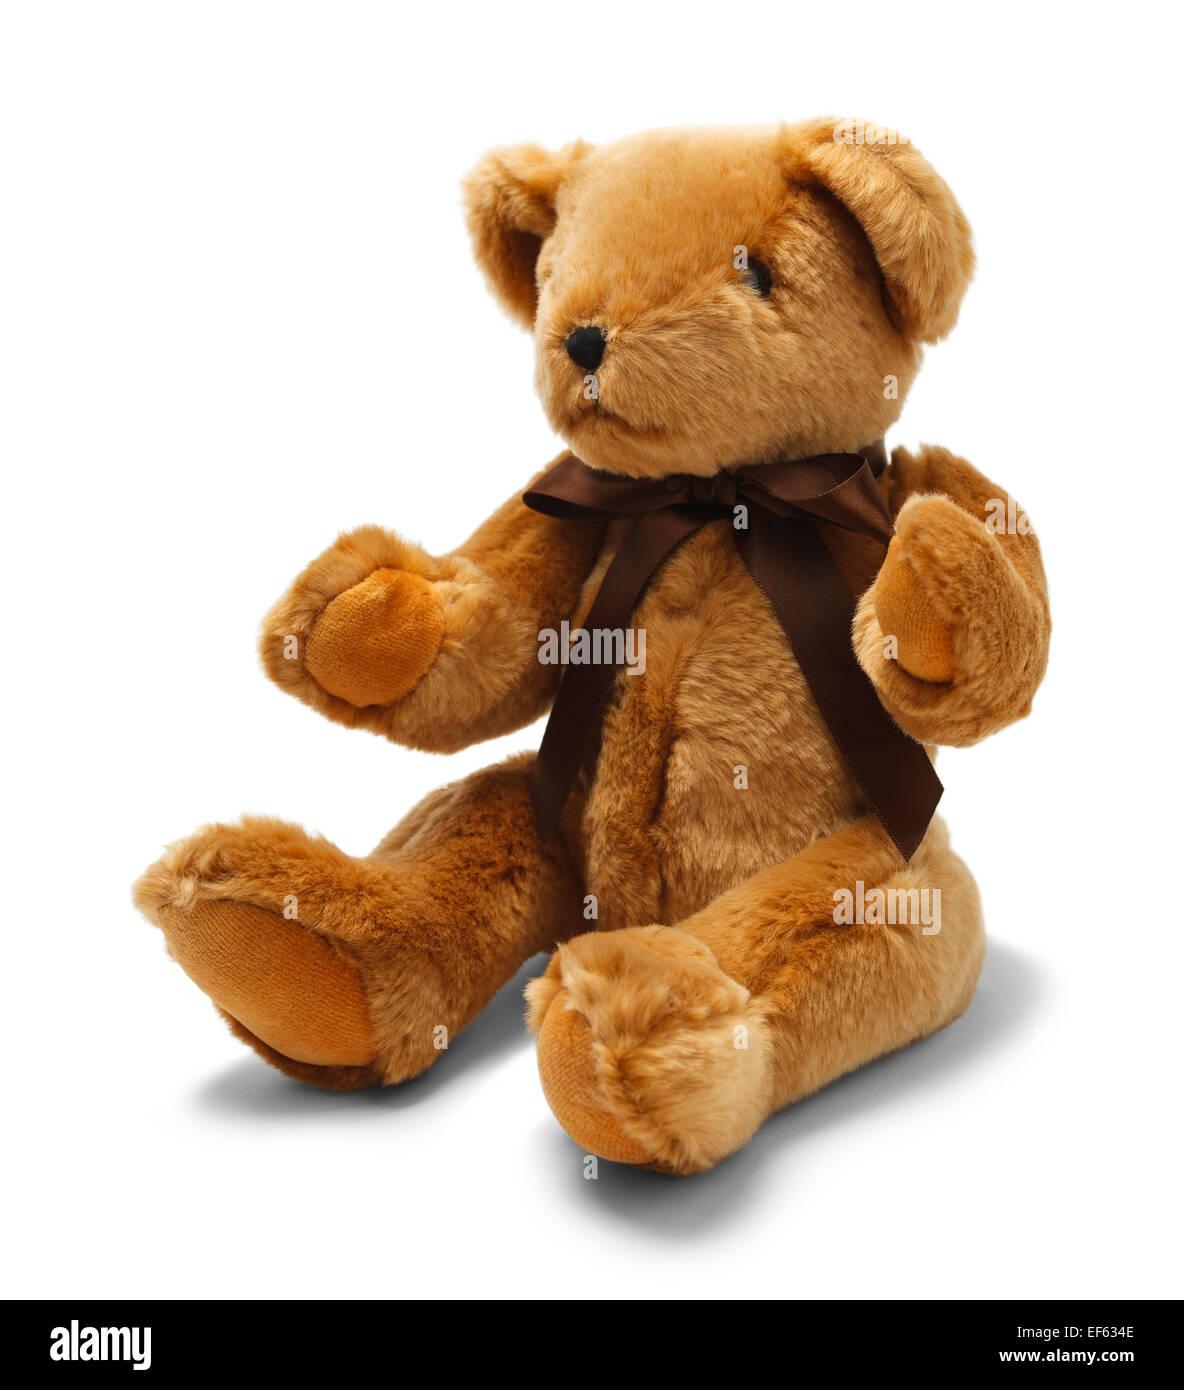 Jouet ours marron avec ruban isolé sur fond blanc. Photo Stock